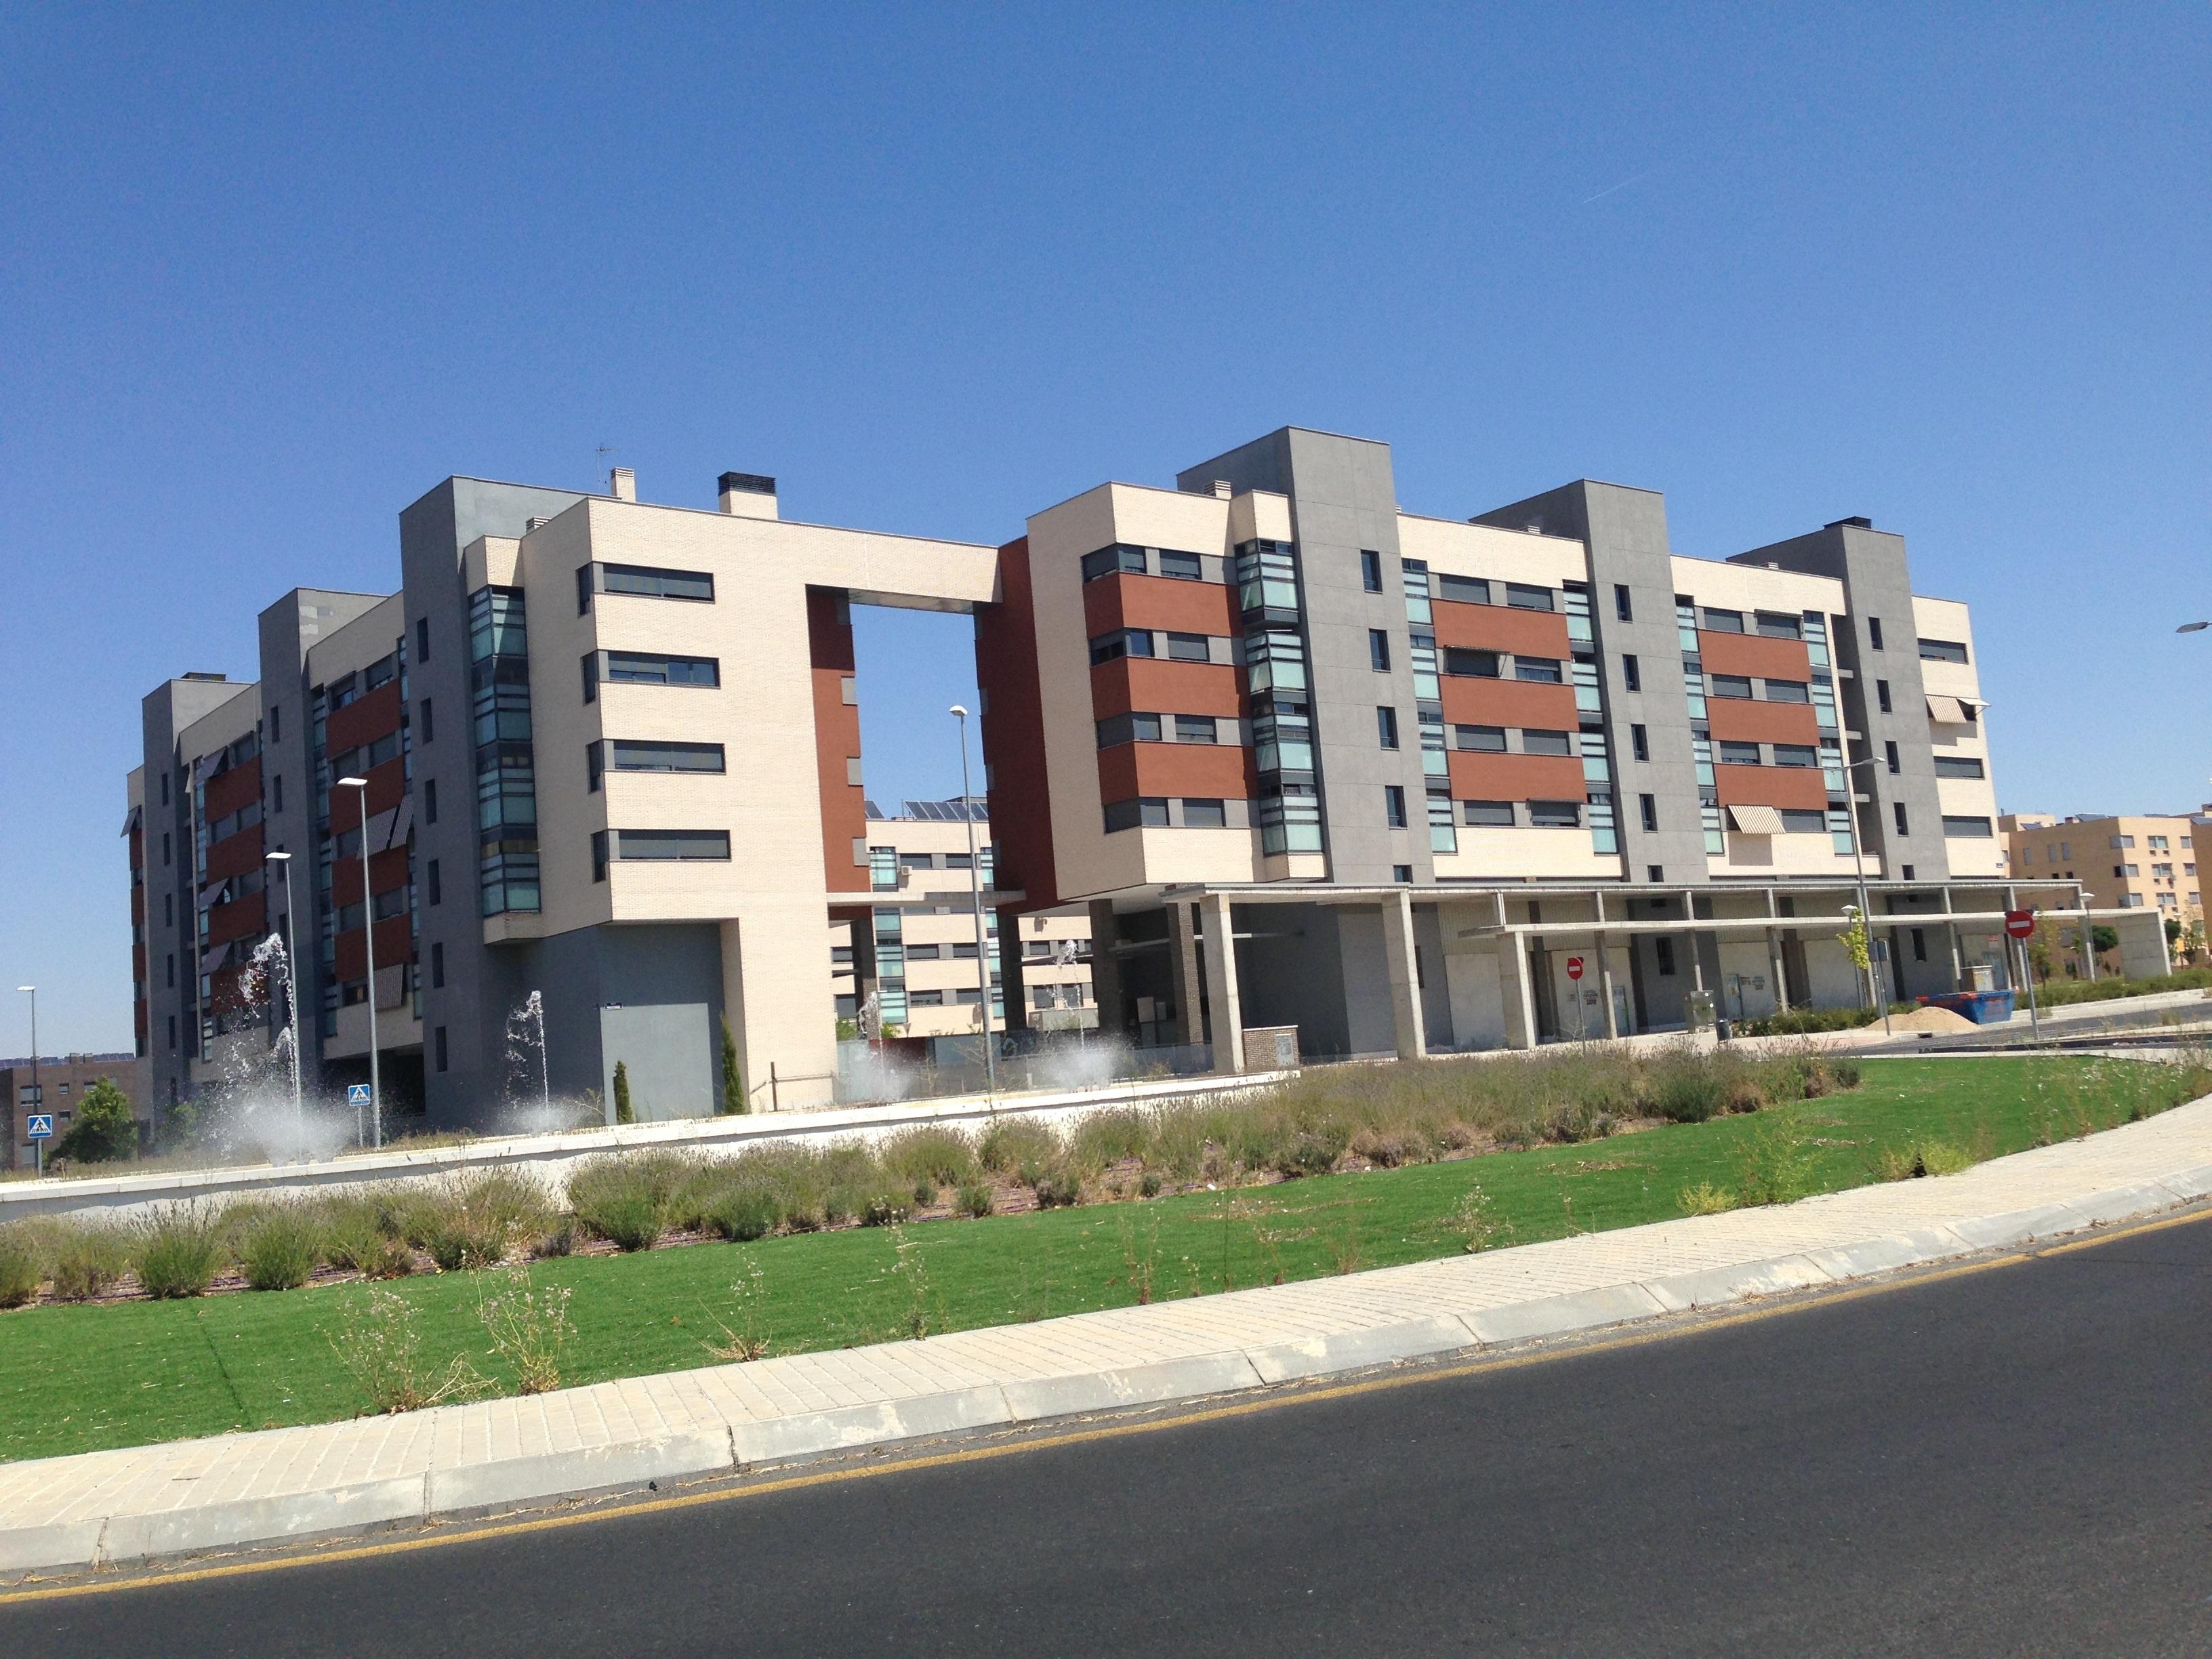 El precio del alquiler de vivienda cae un 3,03 por ciento en septiembre en Extremadura en términos interanuales